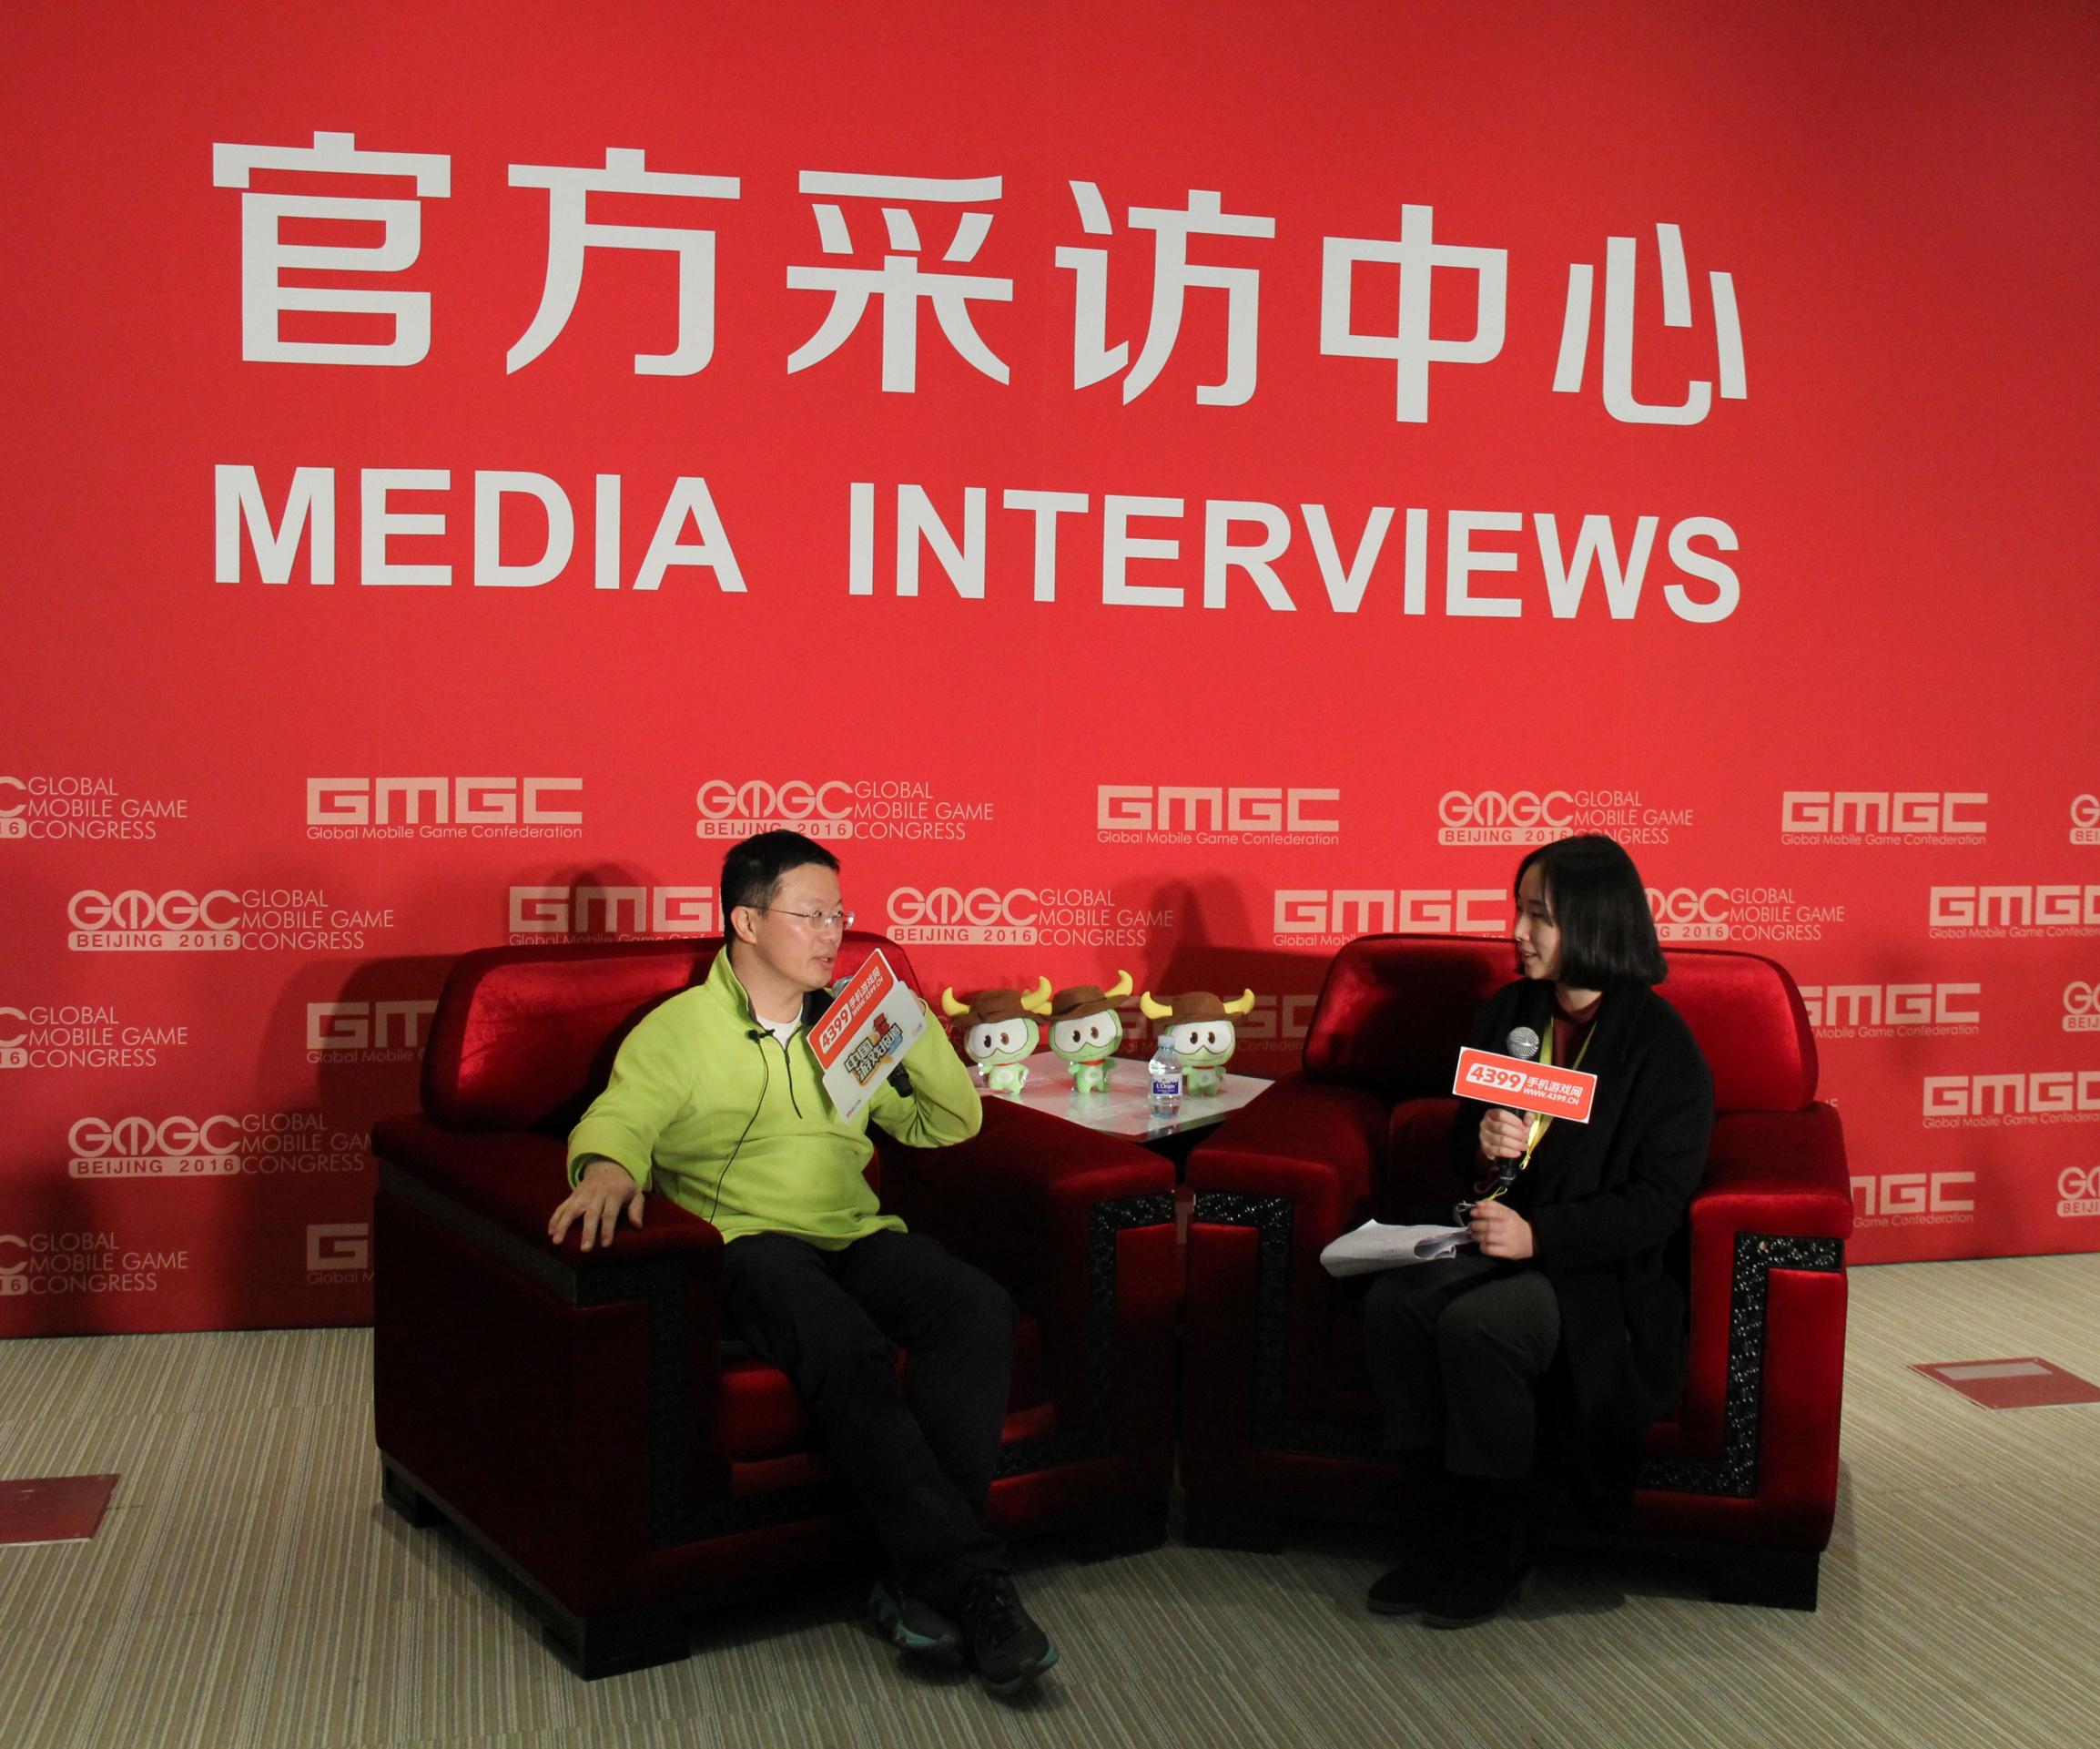 GMGC2016丨魔量资本董事长胡泽民专访:创新能力是游戏开发的核心竞争力